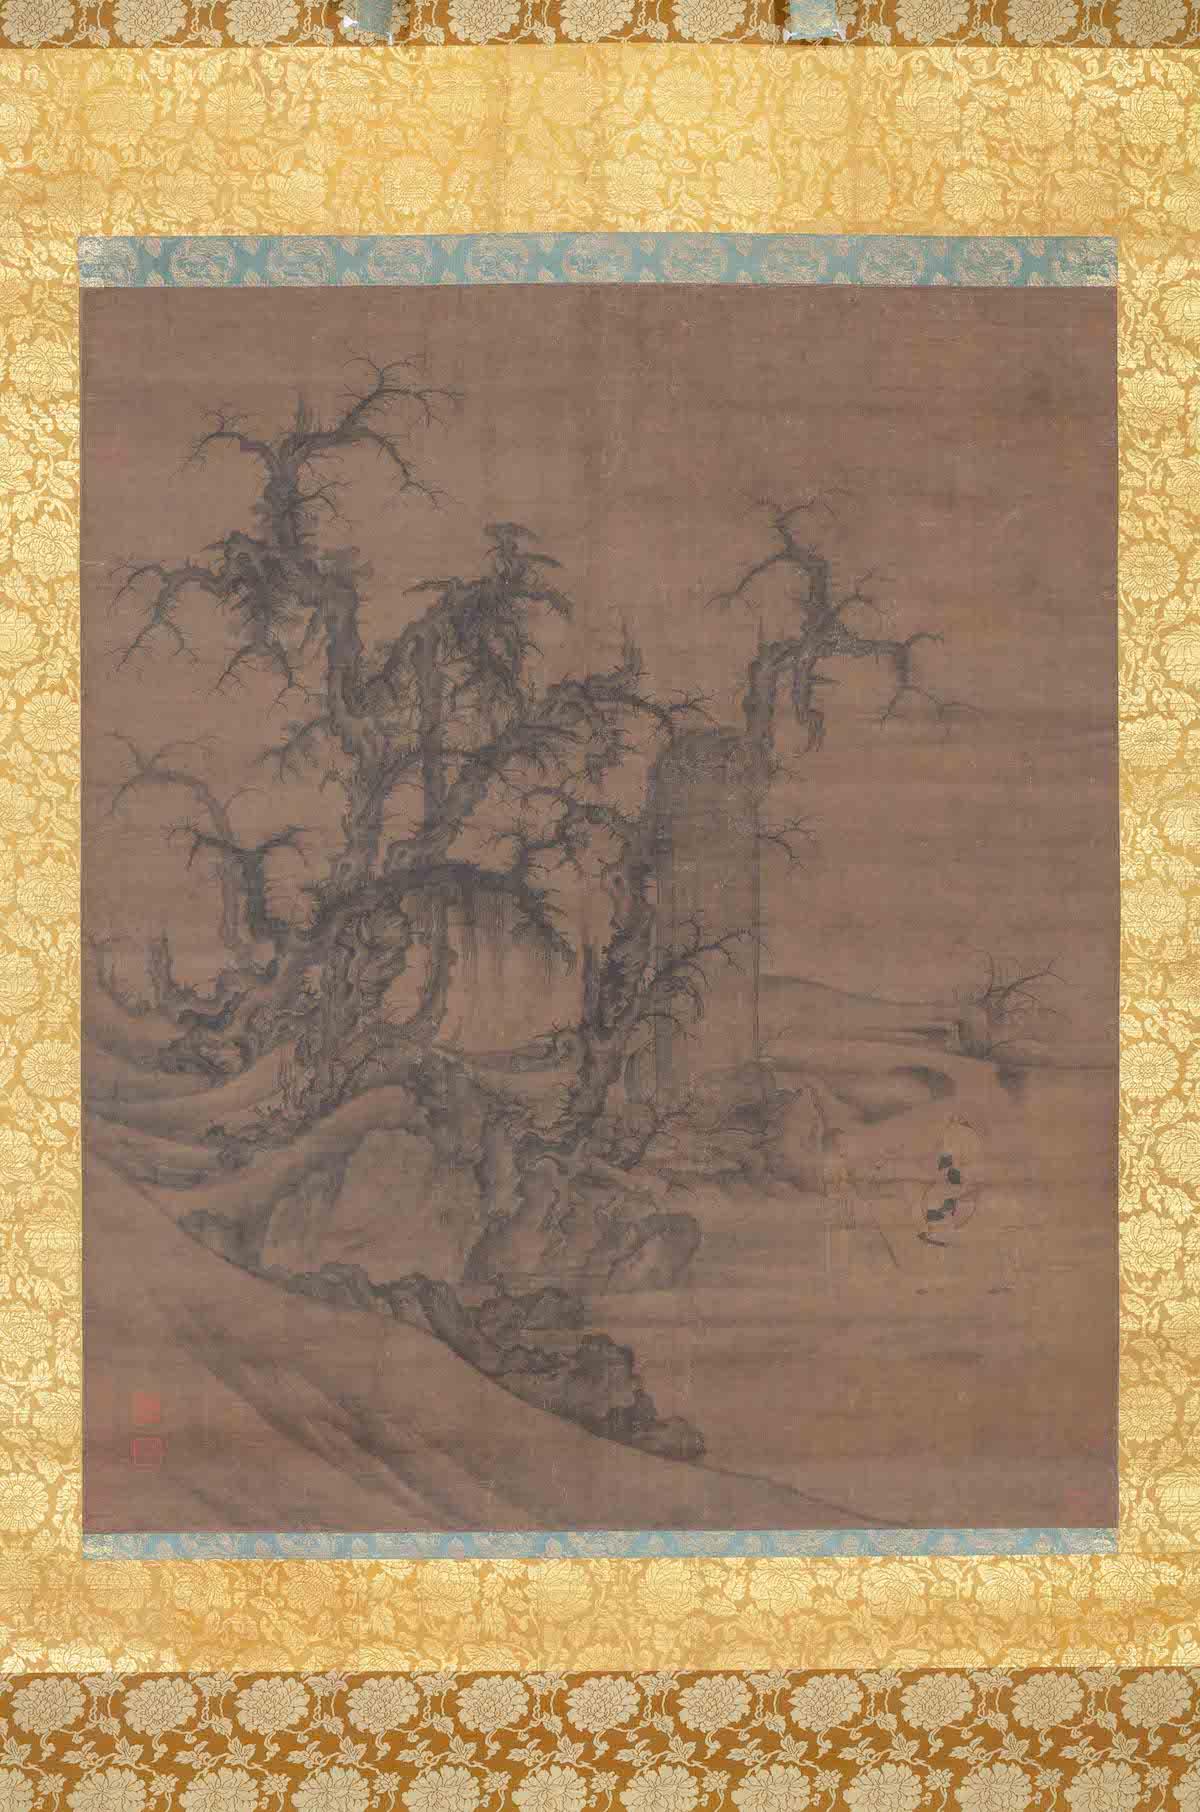 宋 李成 王晓 《读碑窠石图》轴 大阪市立美术馆藏